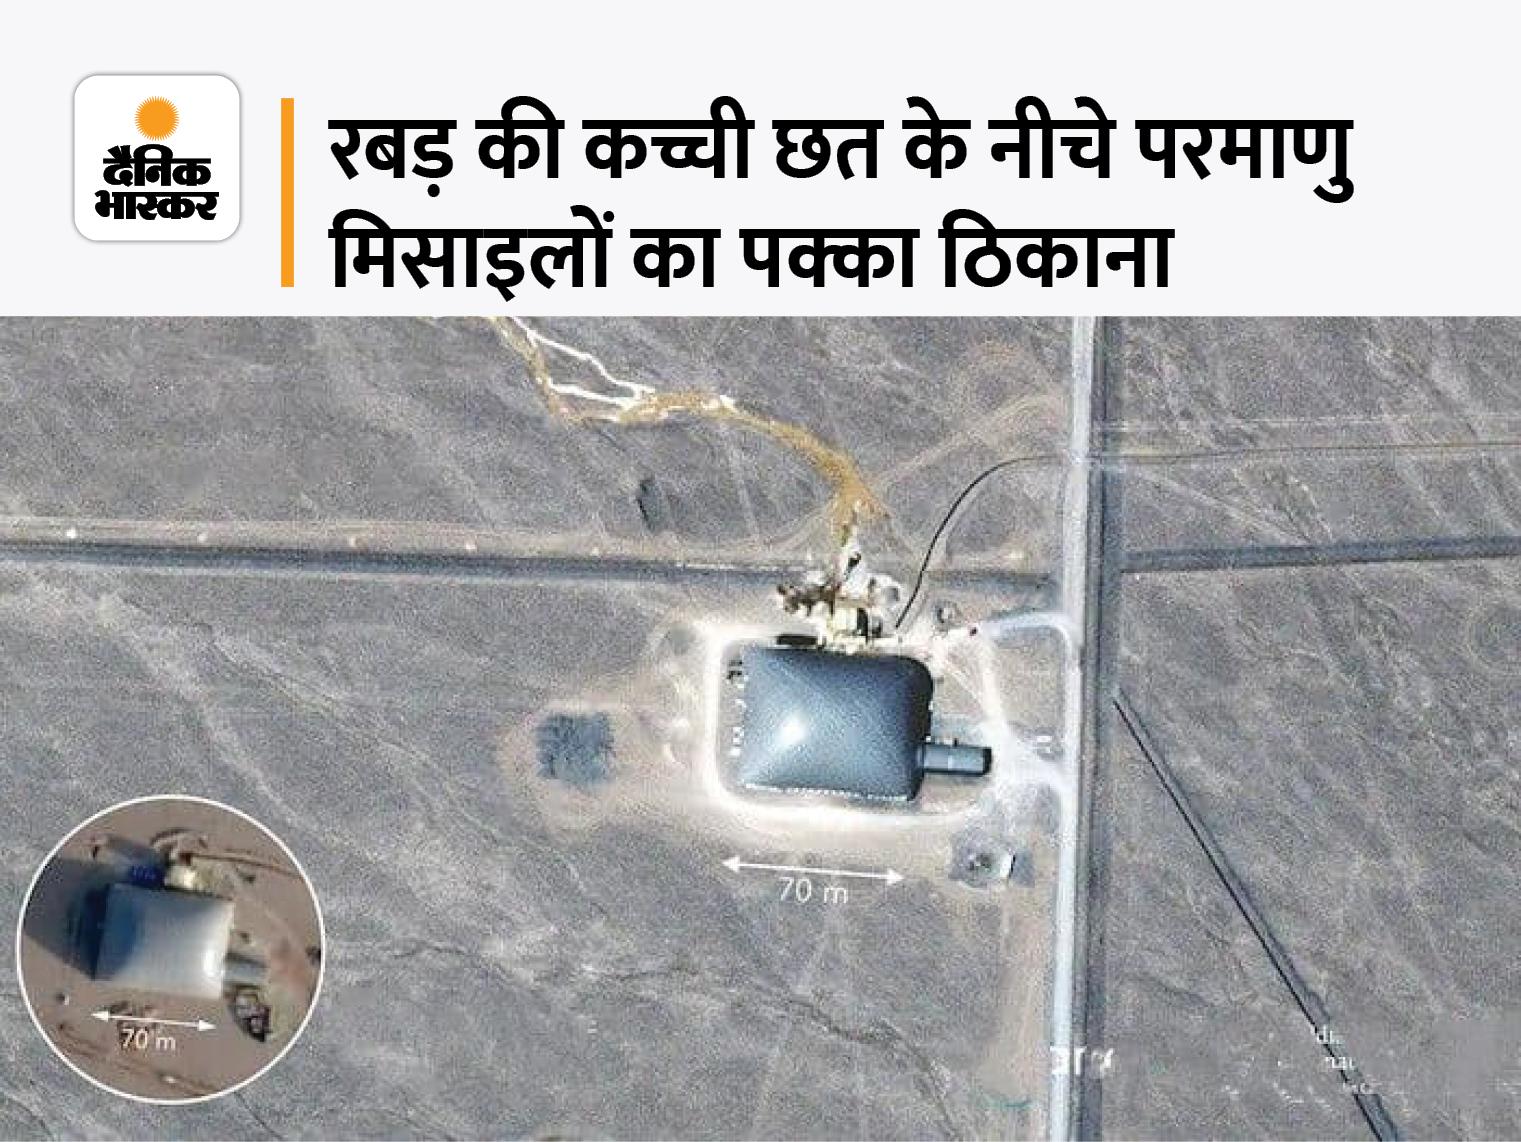 चीन ने परमाणु मिसाइल दागने के लिए बनाए 200 से ज्यादा अंडरग्राउंड ठिकाने, सैटेलाइट मारने वाली लेजर गन का भी पता चला, चपेट में पूरा भारत|DB ओरिजिनल,DB Original - Dainik Bhaskar